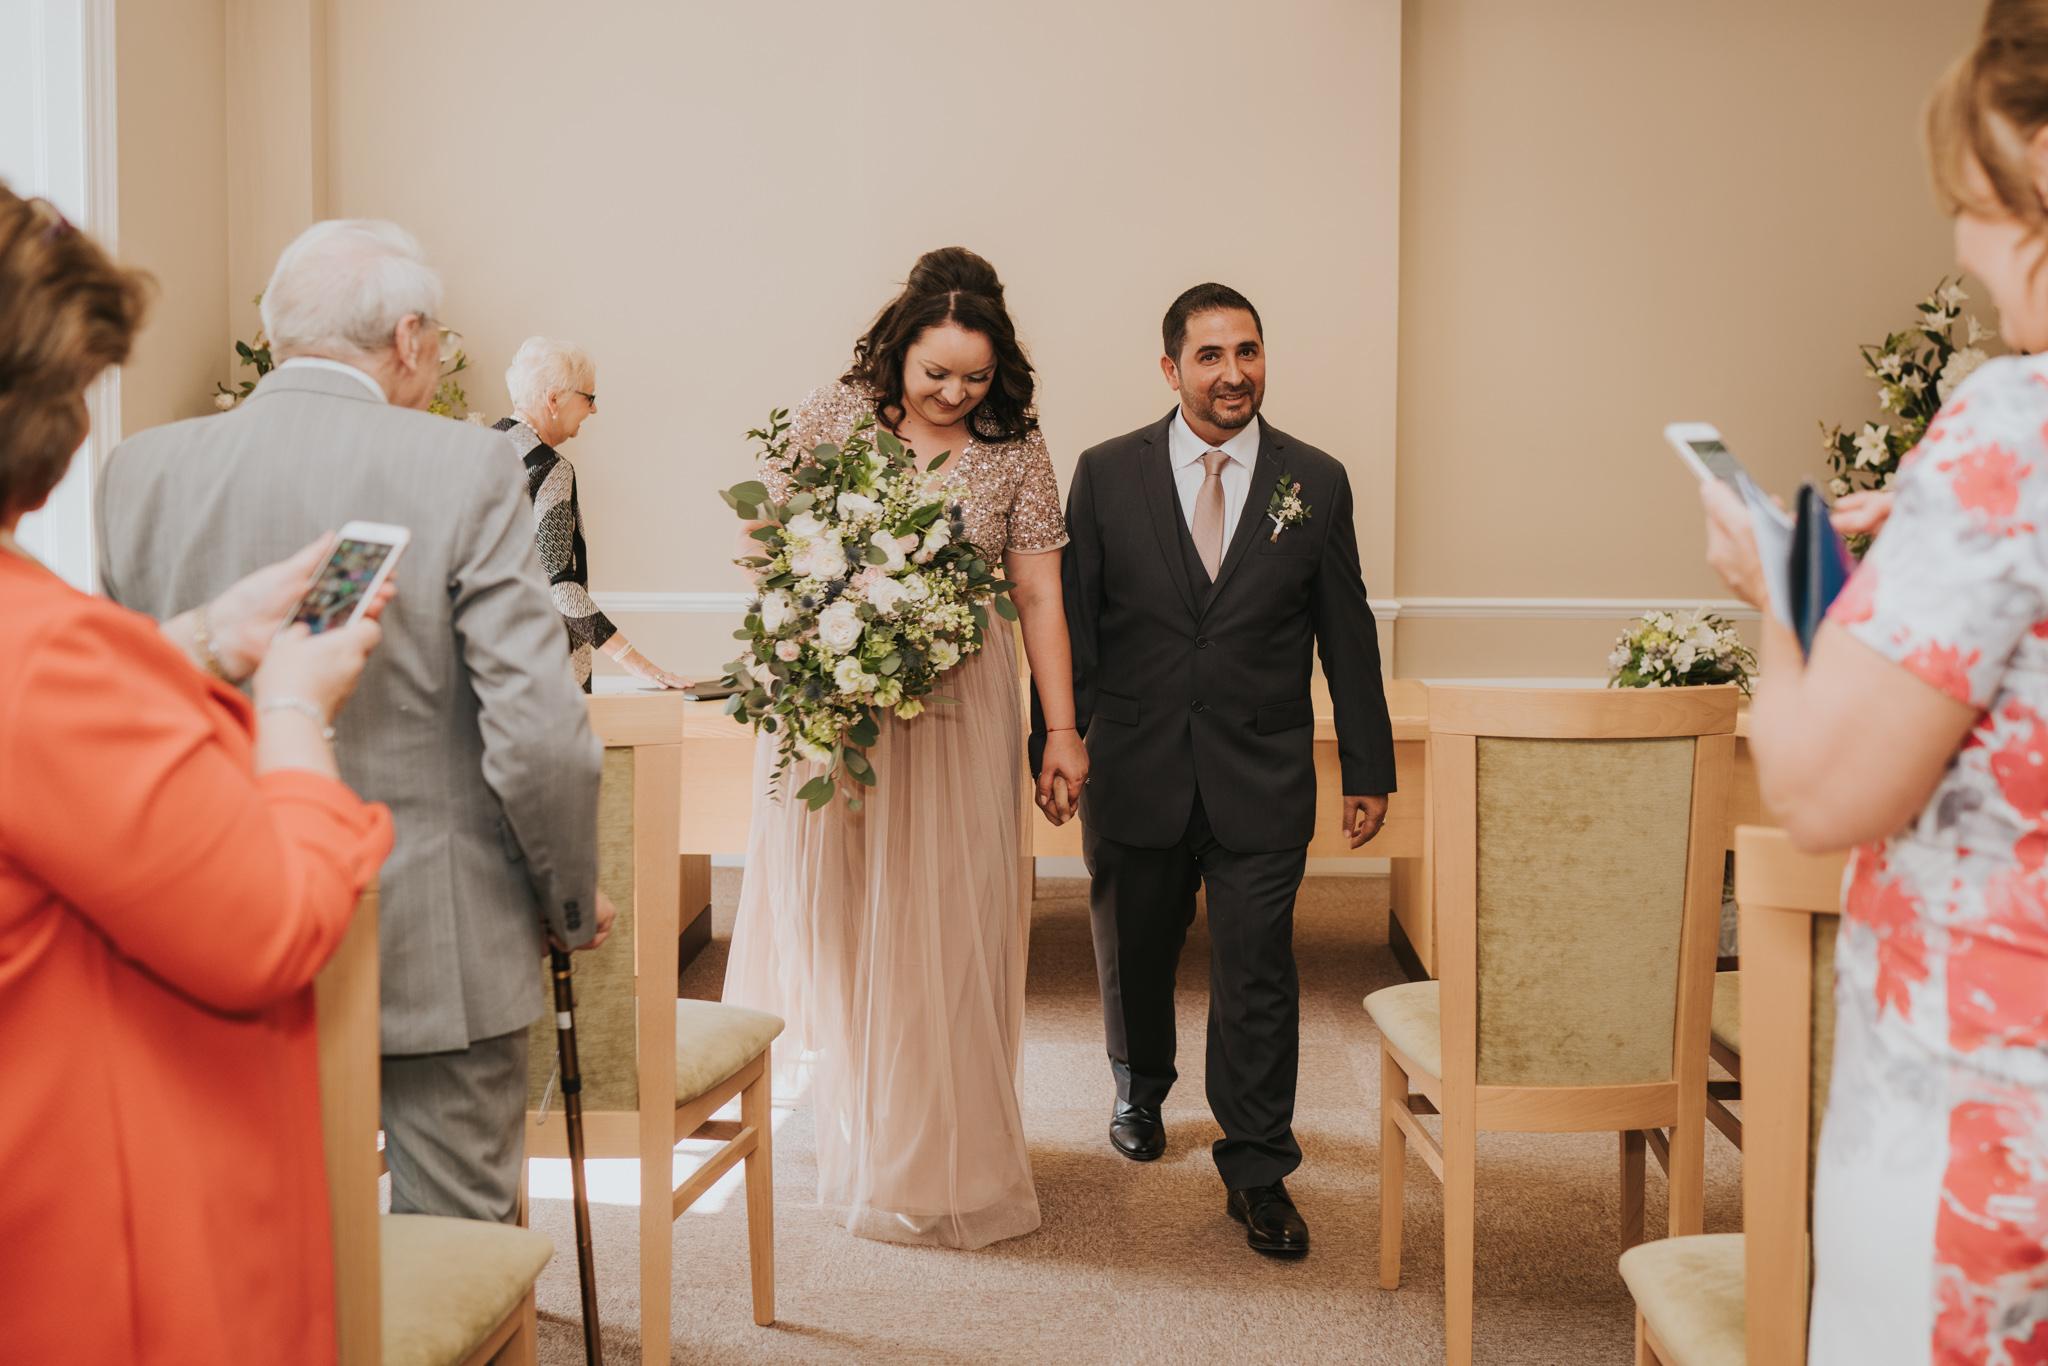 yuliya-yafith-colchester-essex-woodland-elopement-alternative-wedding-photographer-grace-elizabeth-essex-suffolk-norfolk-devon (37 of 40).jpg